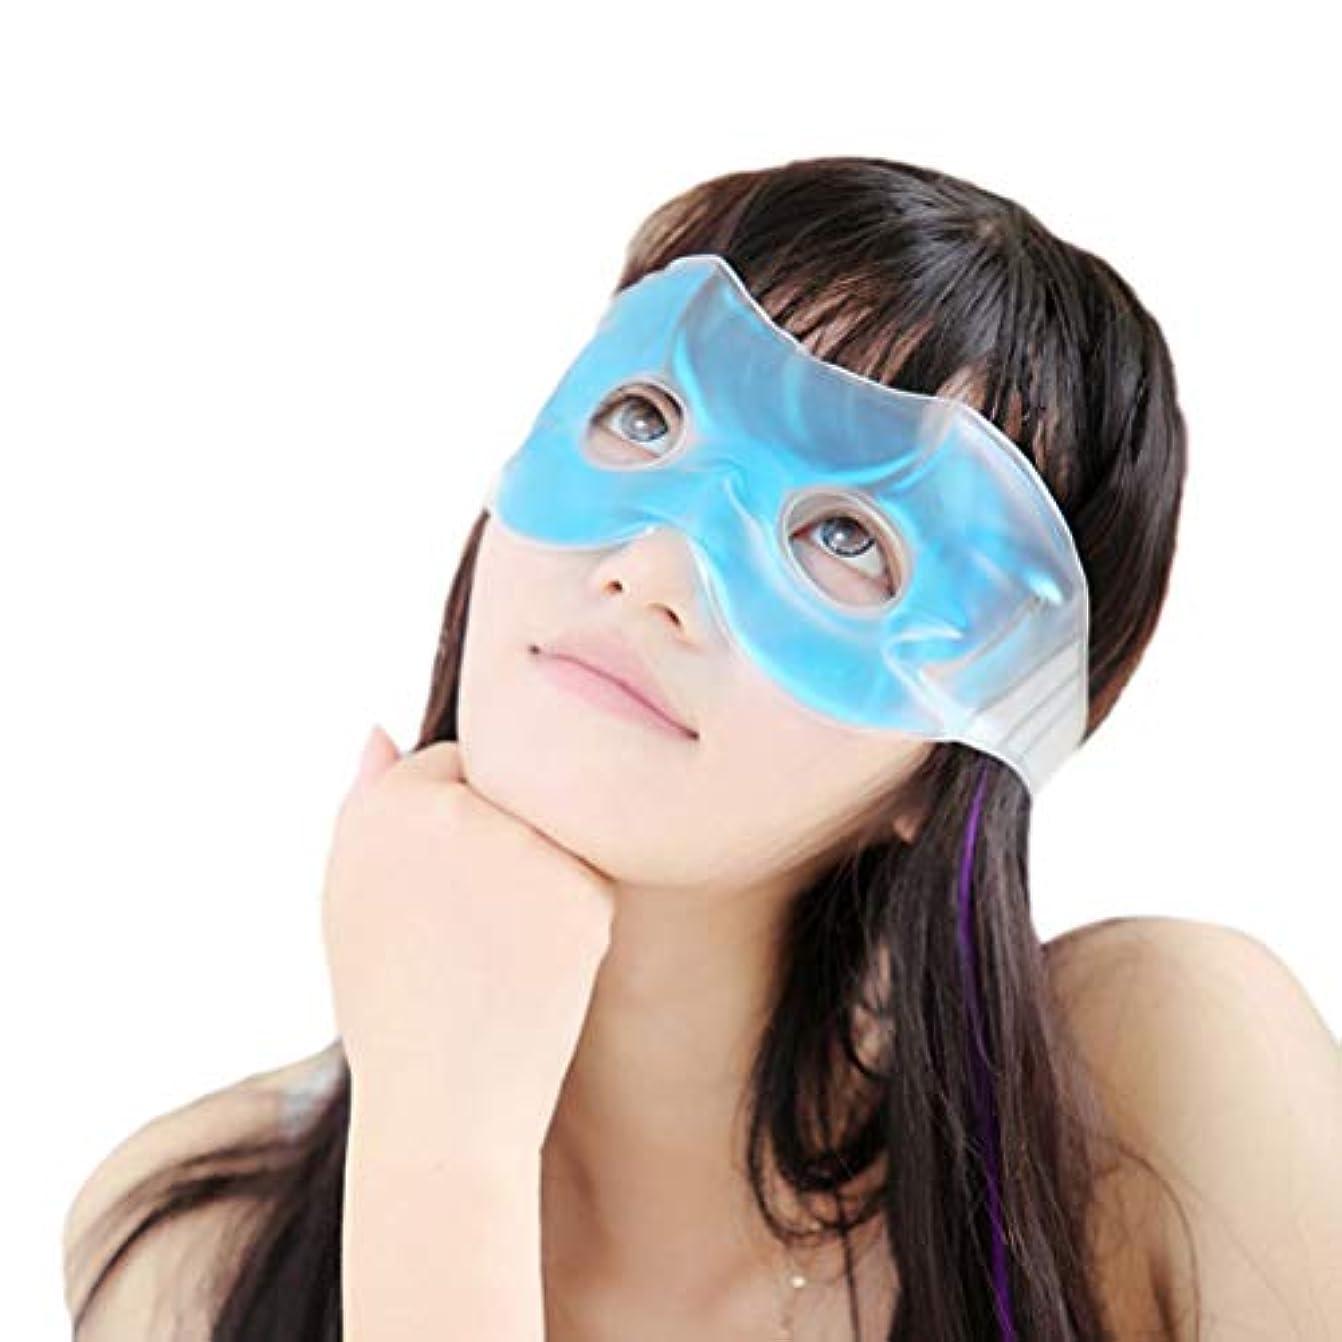 マスタード勇気のある受け継ぐHealifty アイマスク ゲル アイスパッド アイスアイマスク 目隠し リラックス 冷却 パック 再使用可能 目の疲れ軽減 安眠 血行促進